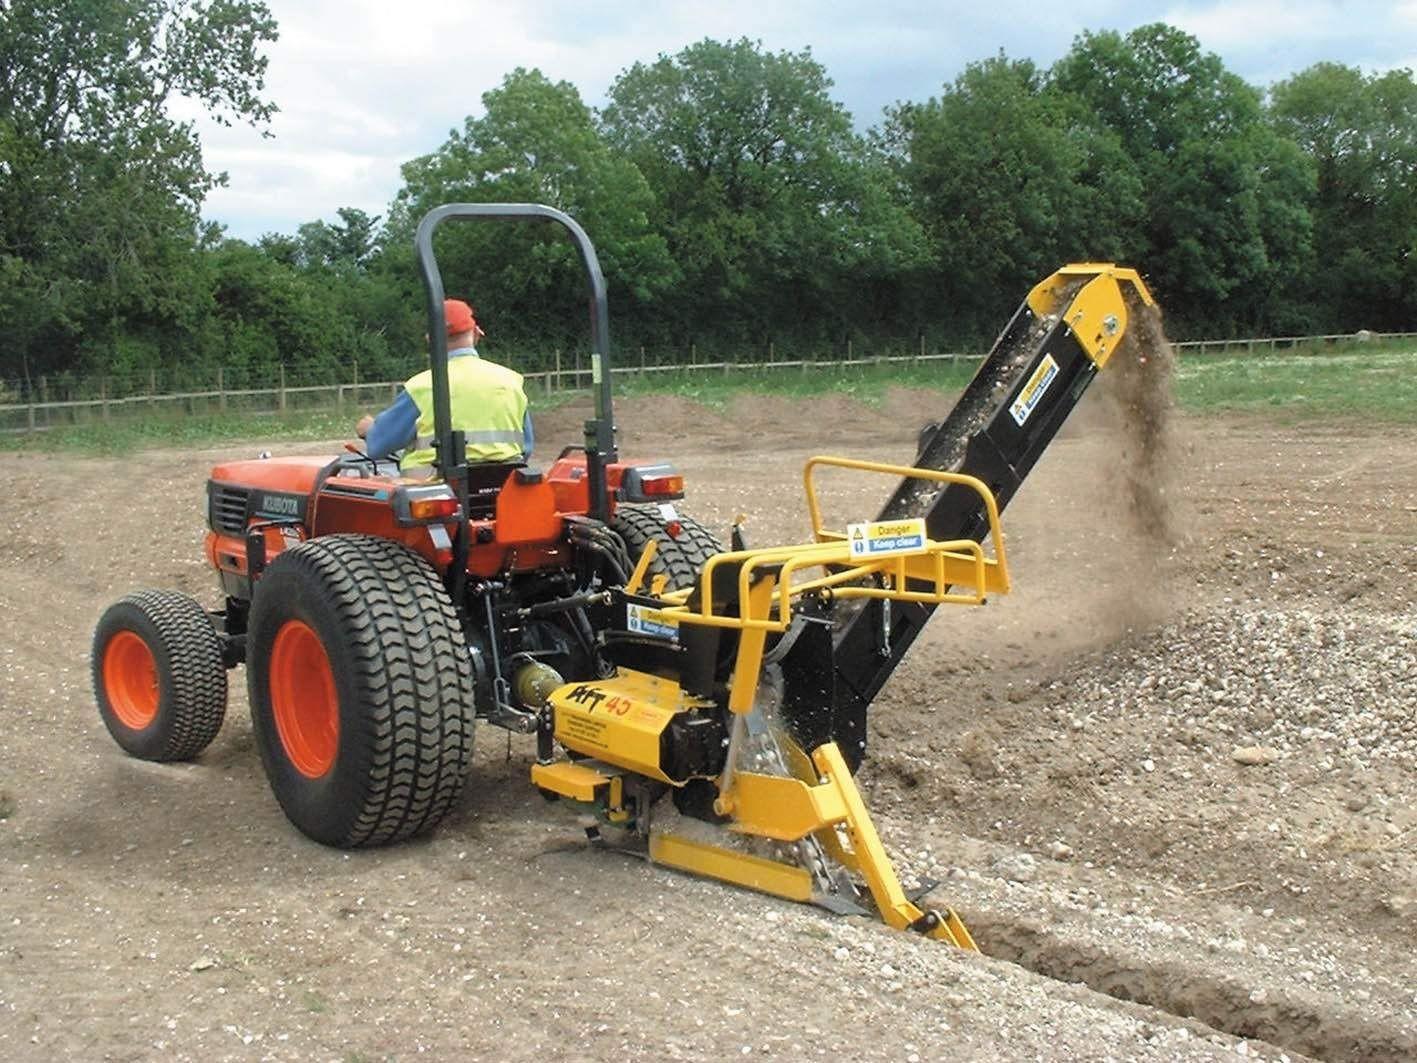 Trancheuse De Sol Pour Tracteur | Tracteur Tondeuse Occasion ... concernant Trancheuse Jardin